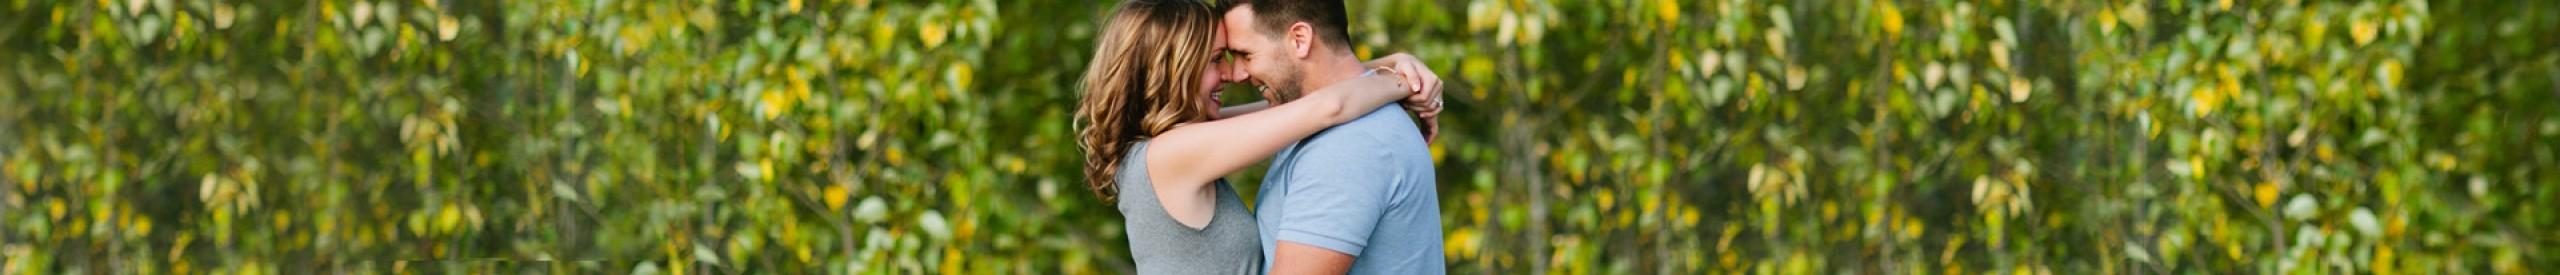 Tantra Kurs für Paare